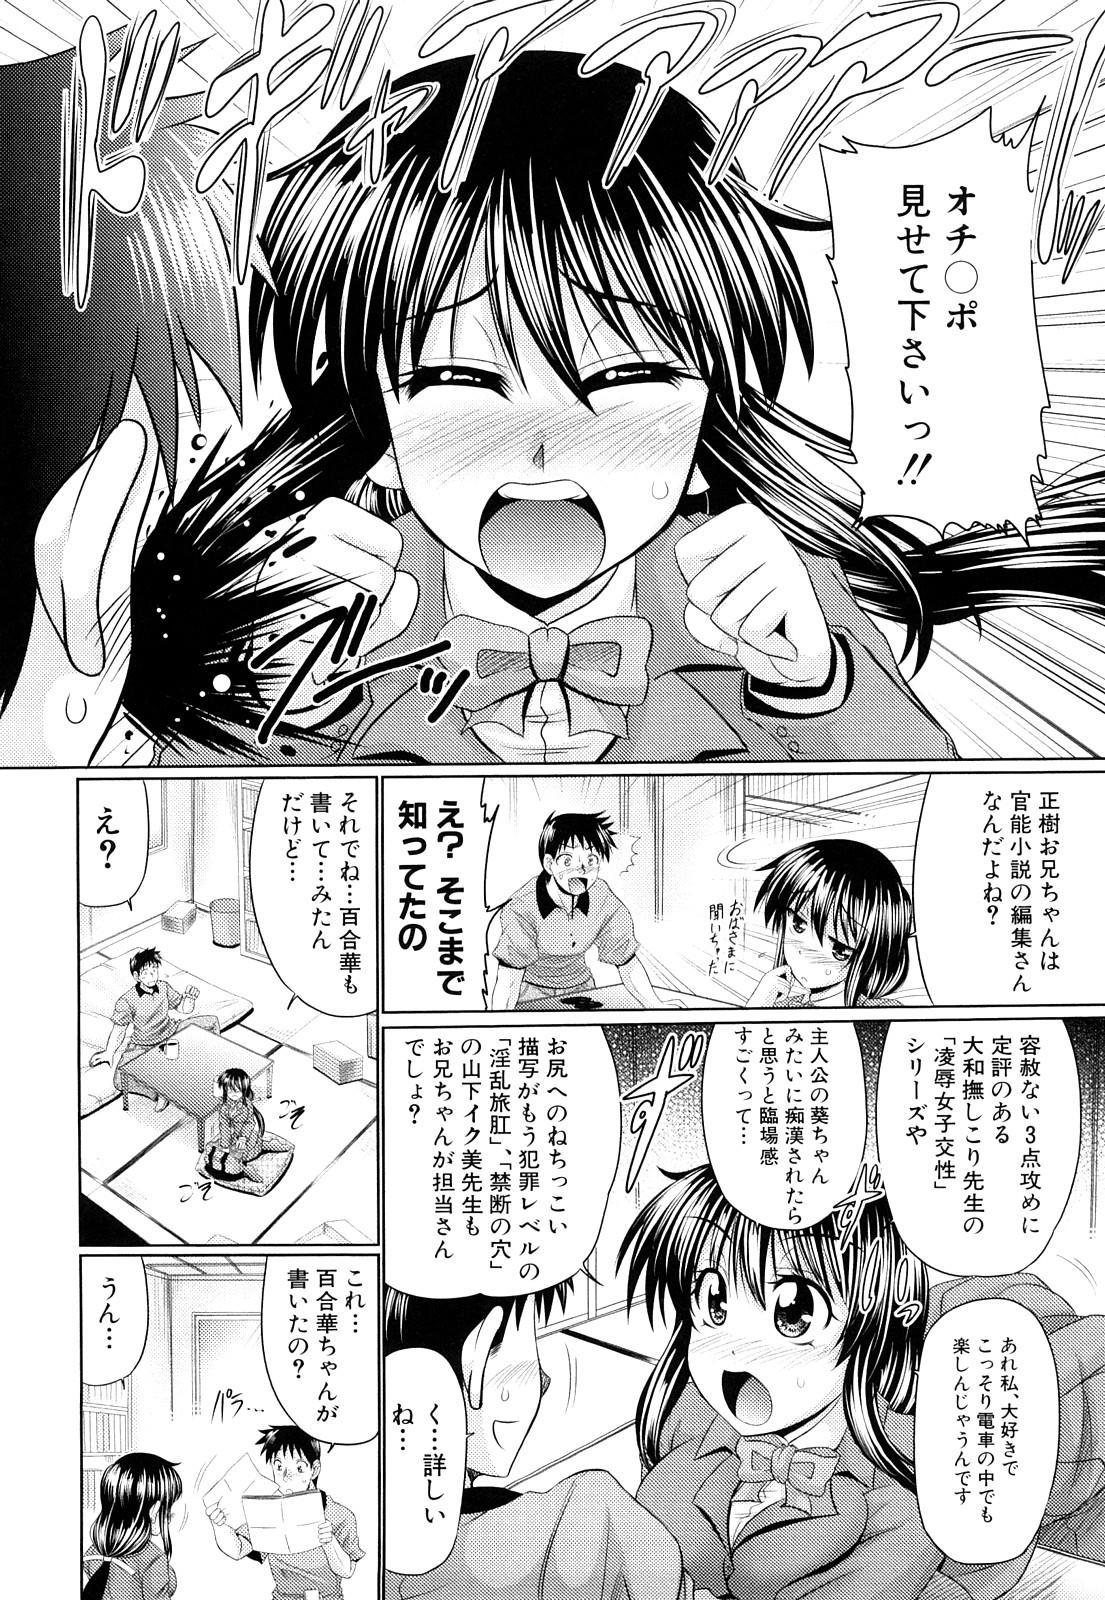 Nikuyoku Analyze 8